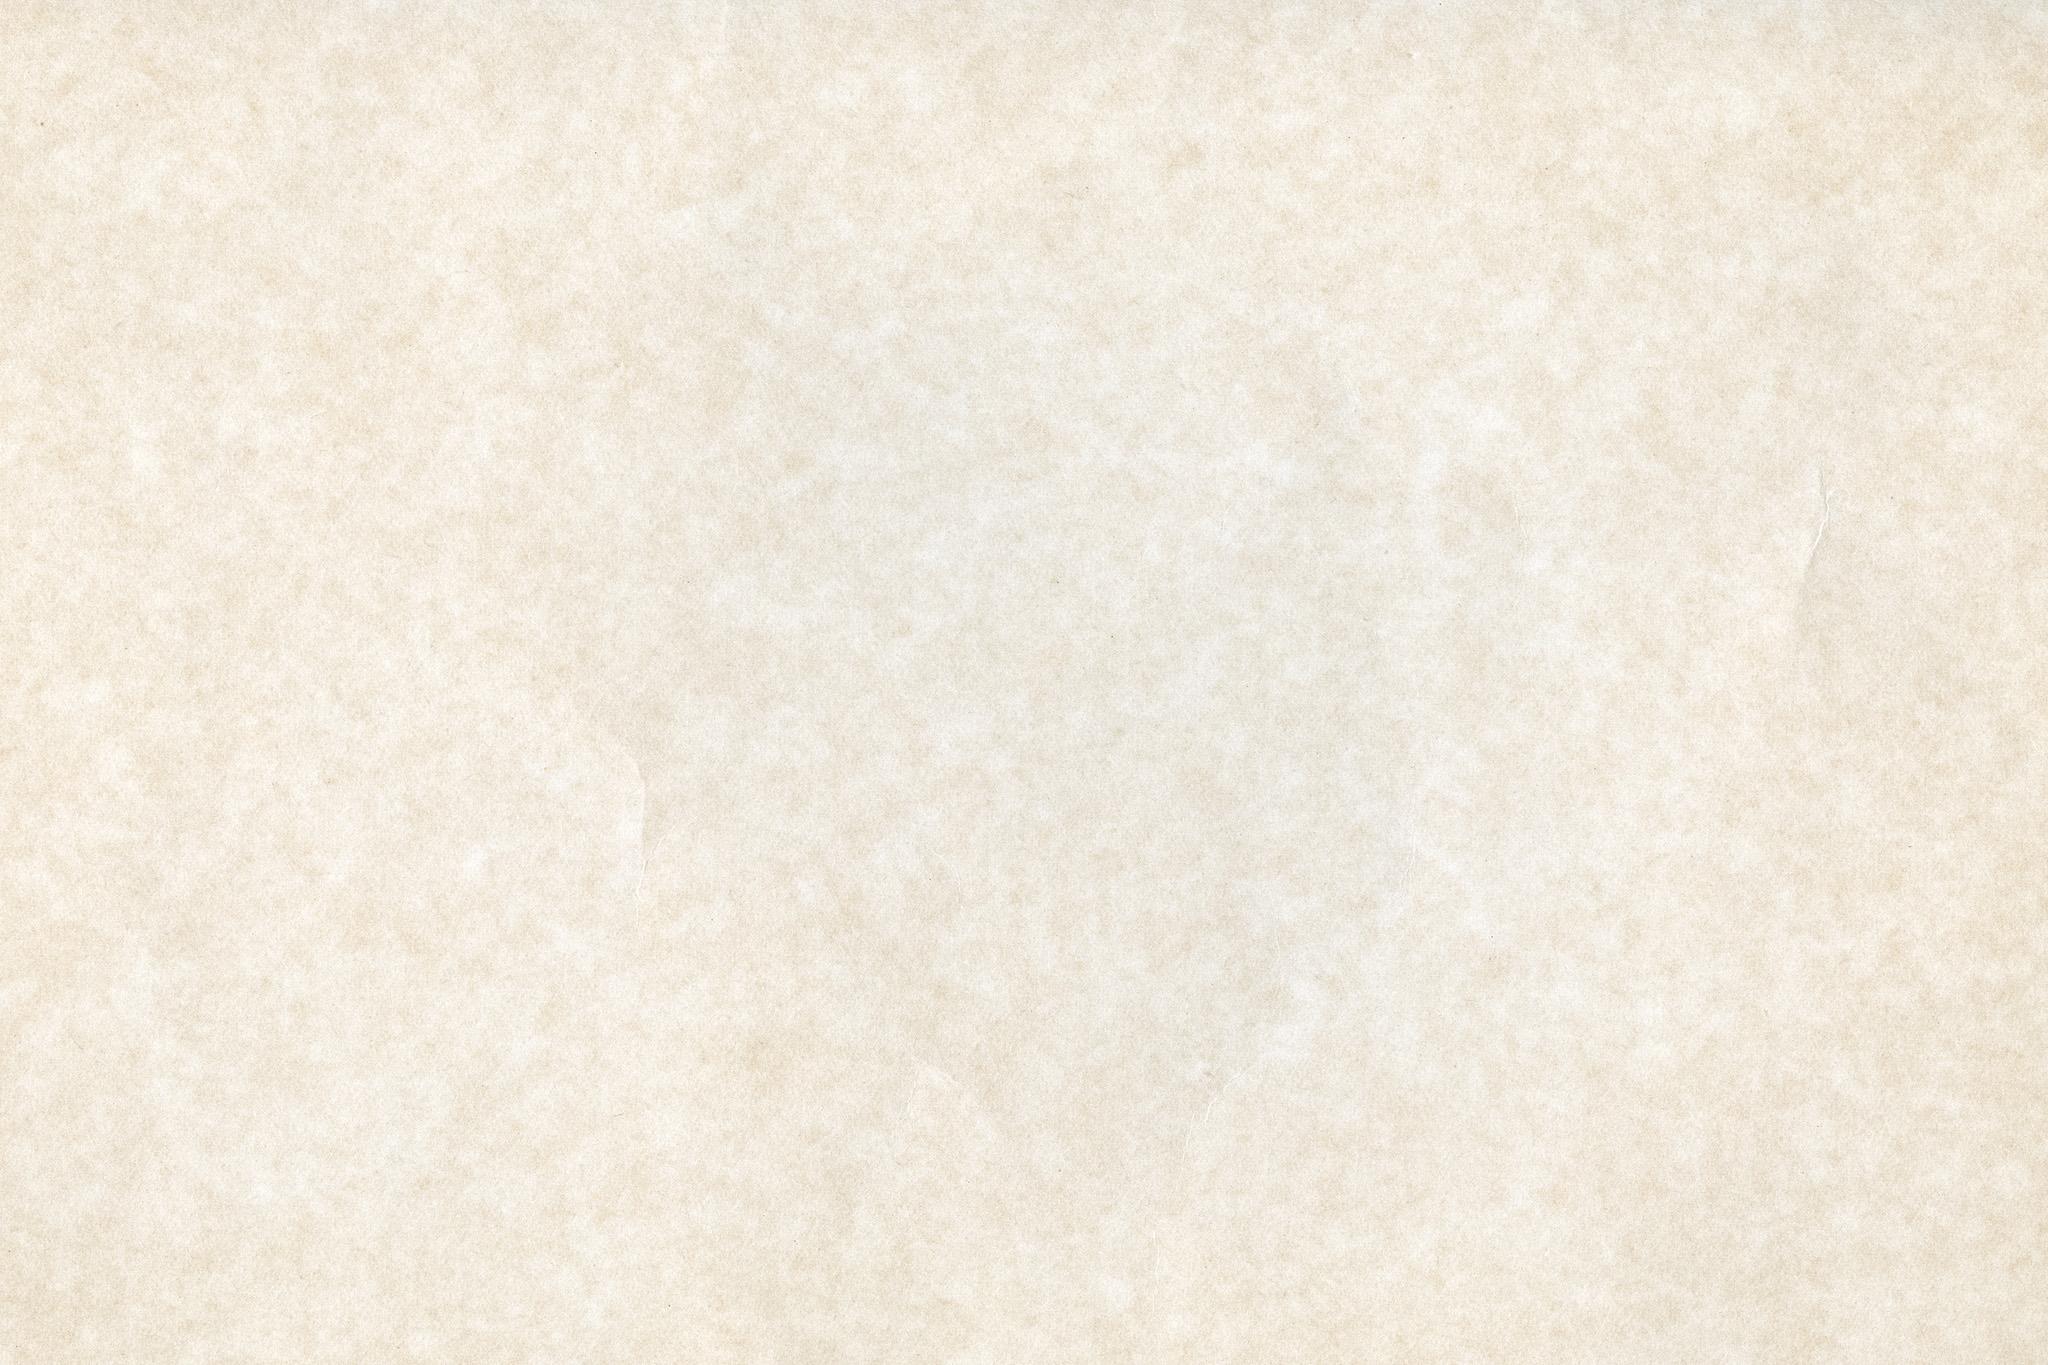 「斑模様の硬いペーパー素材」の画像を無料ダウンロード